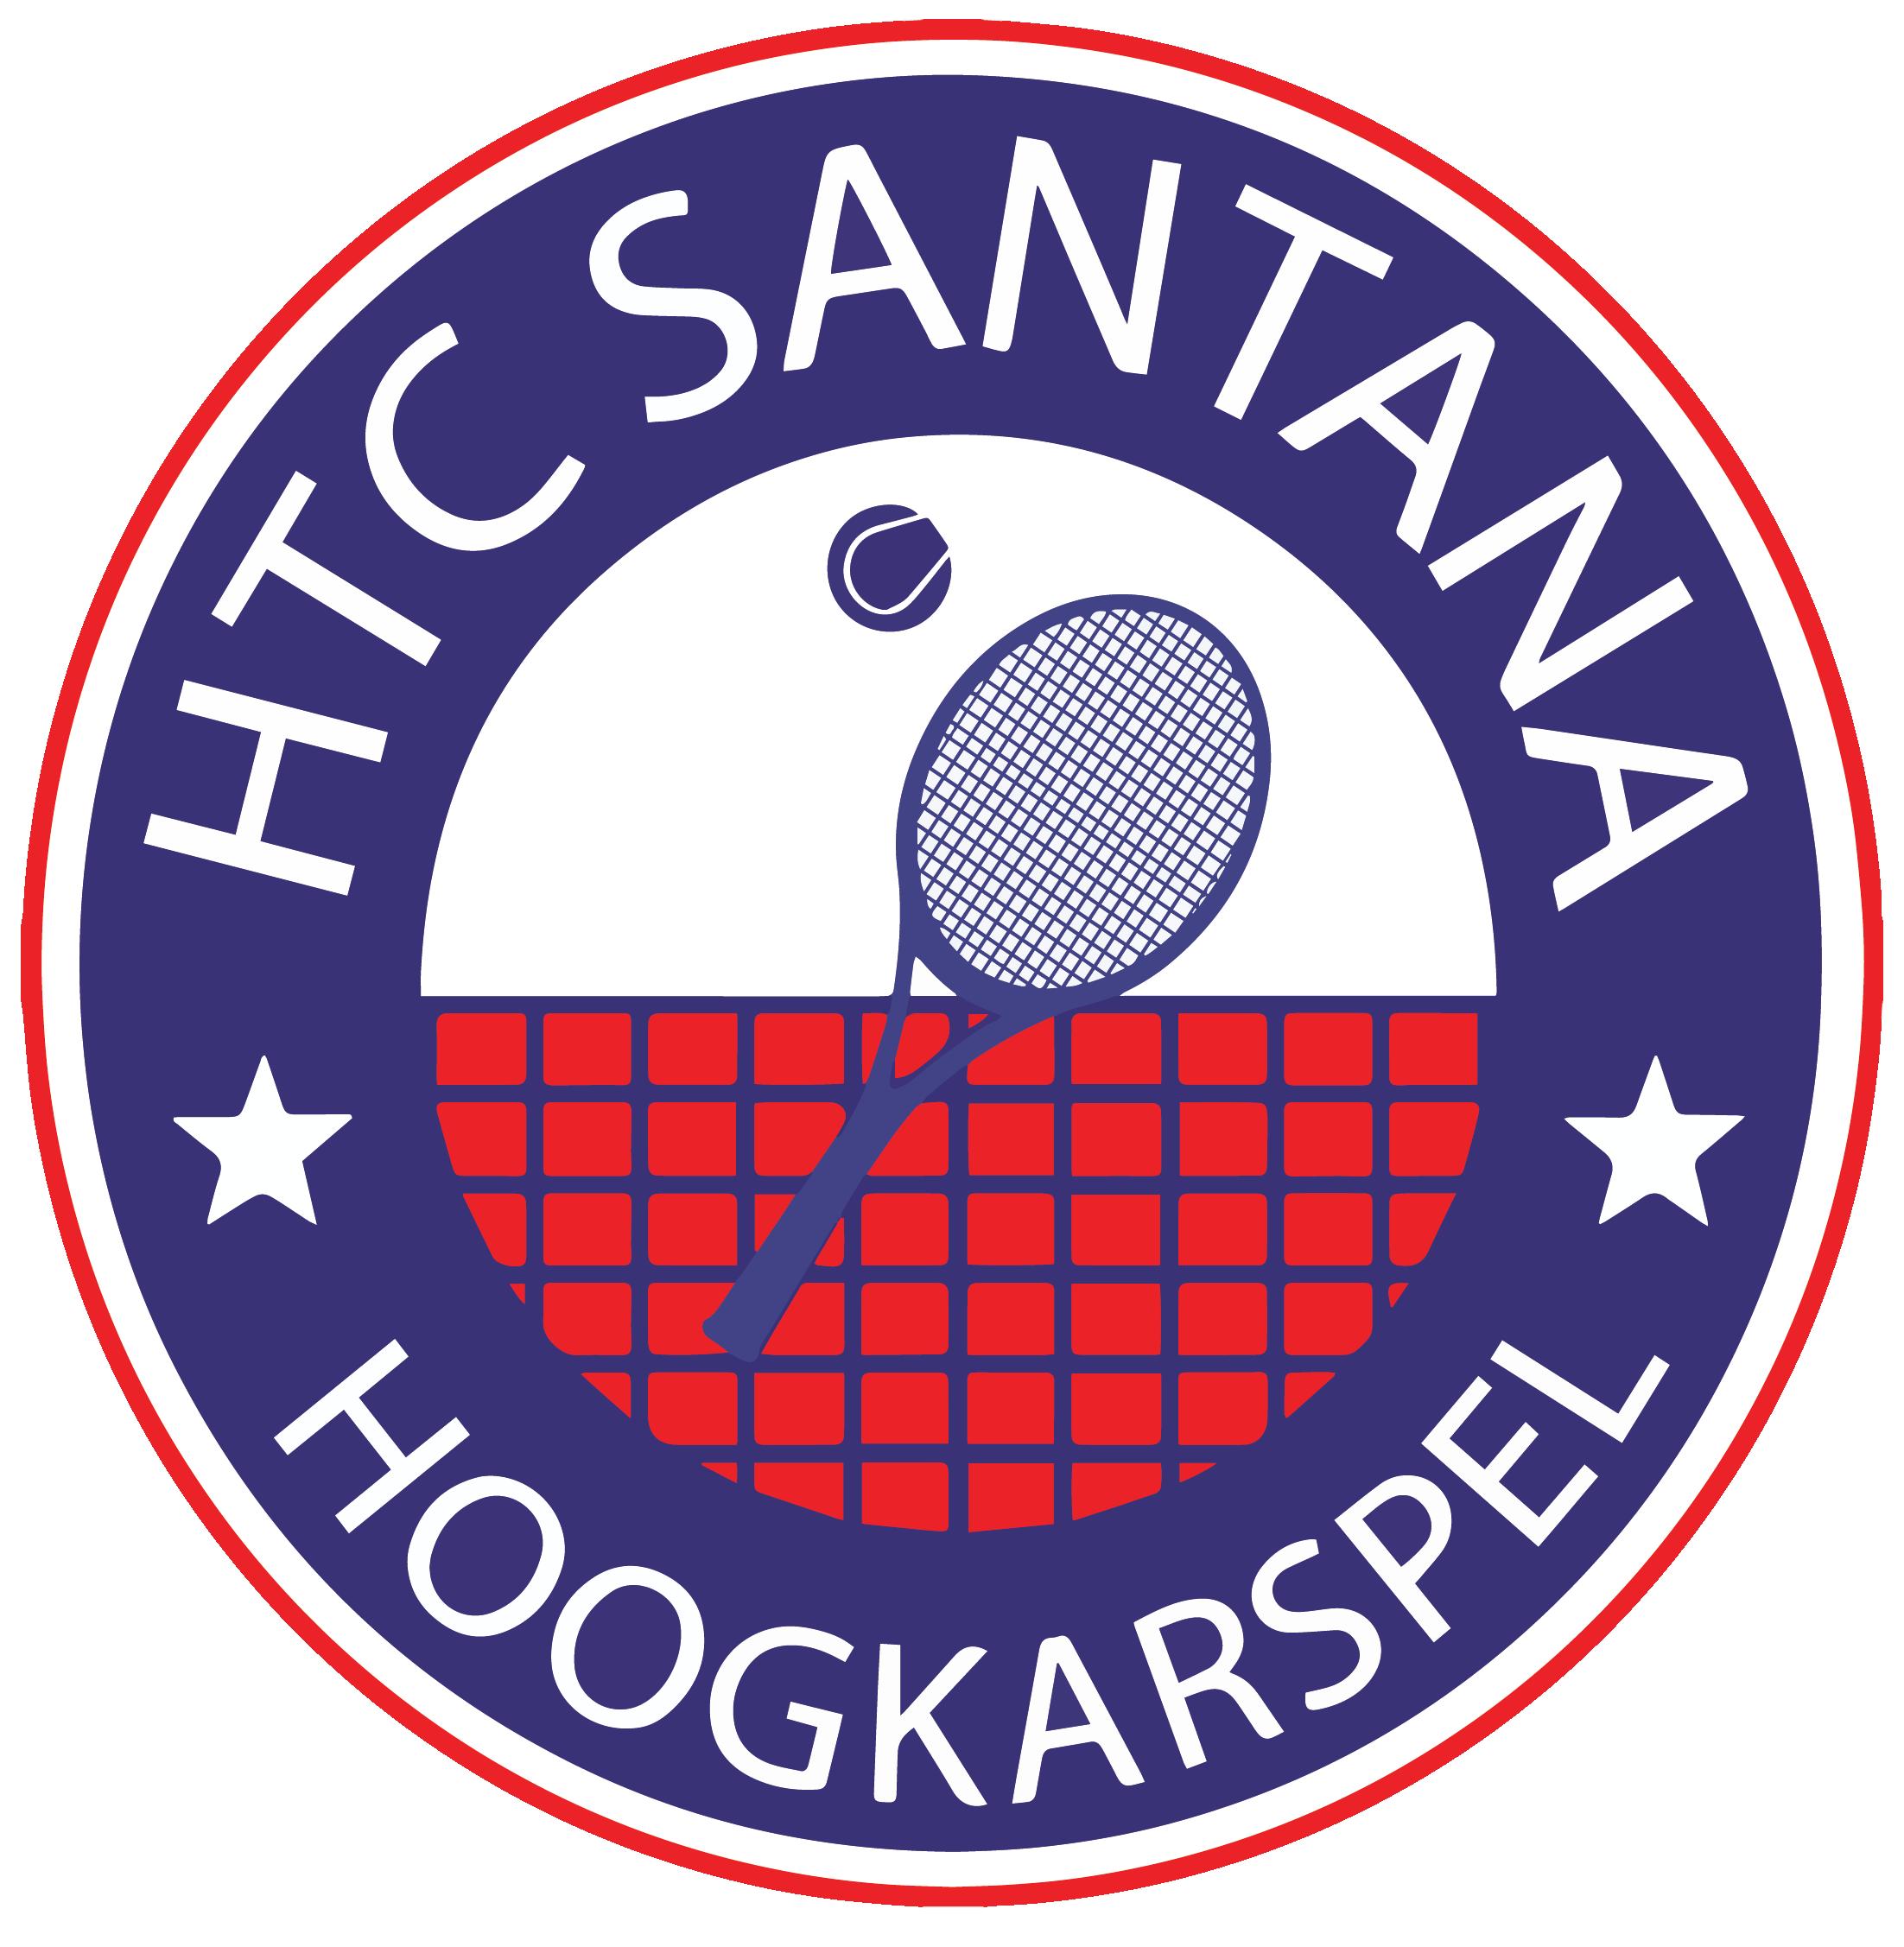 H.T.C. Santana